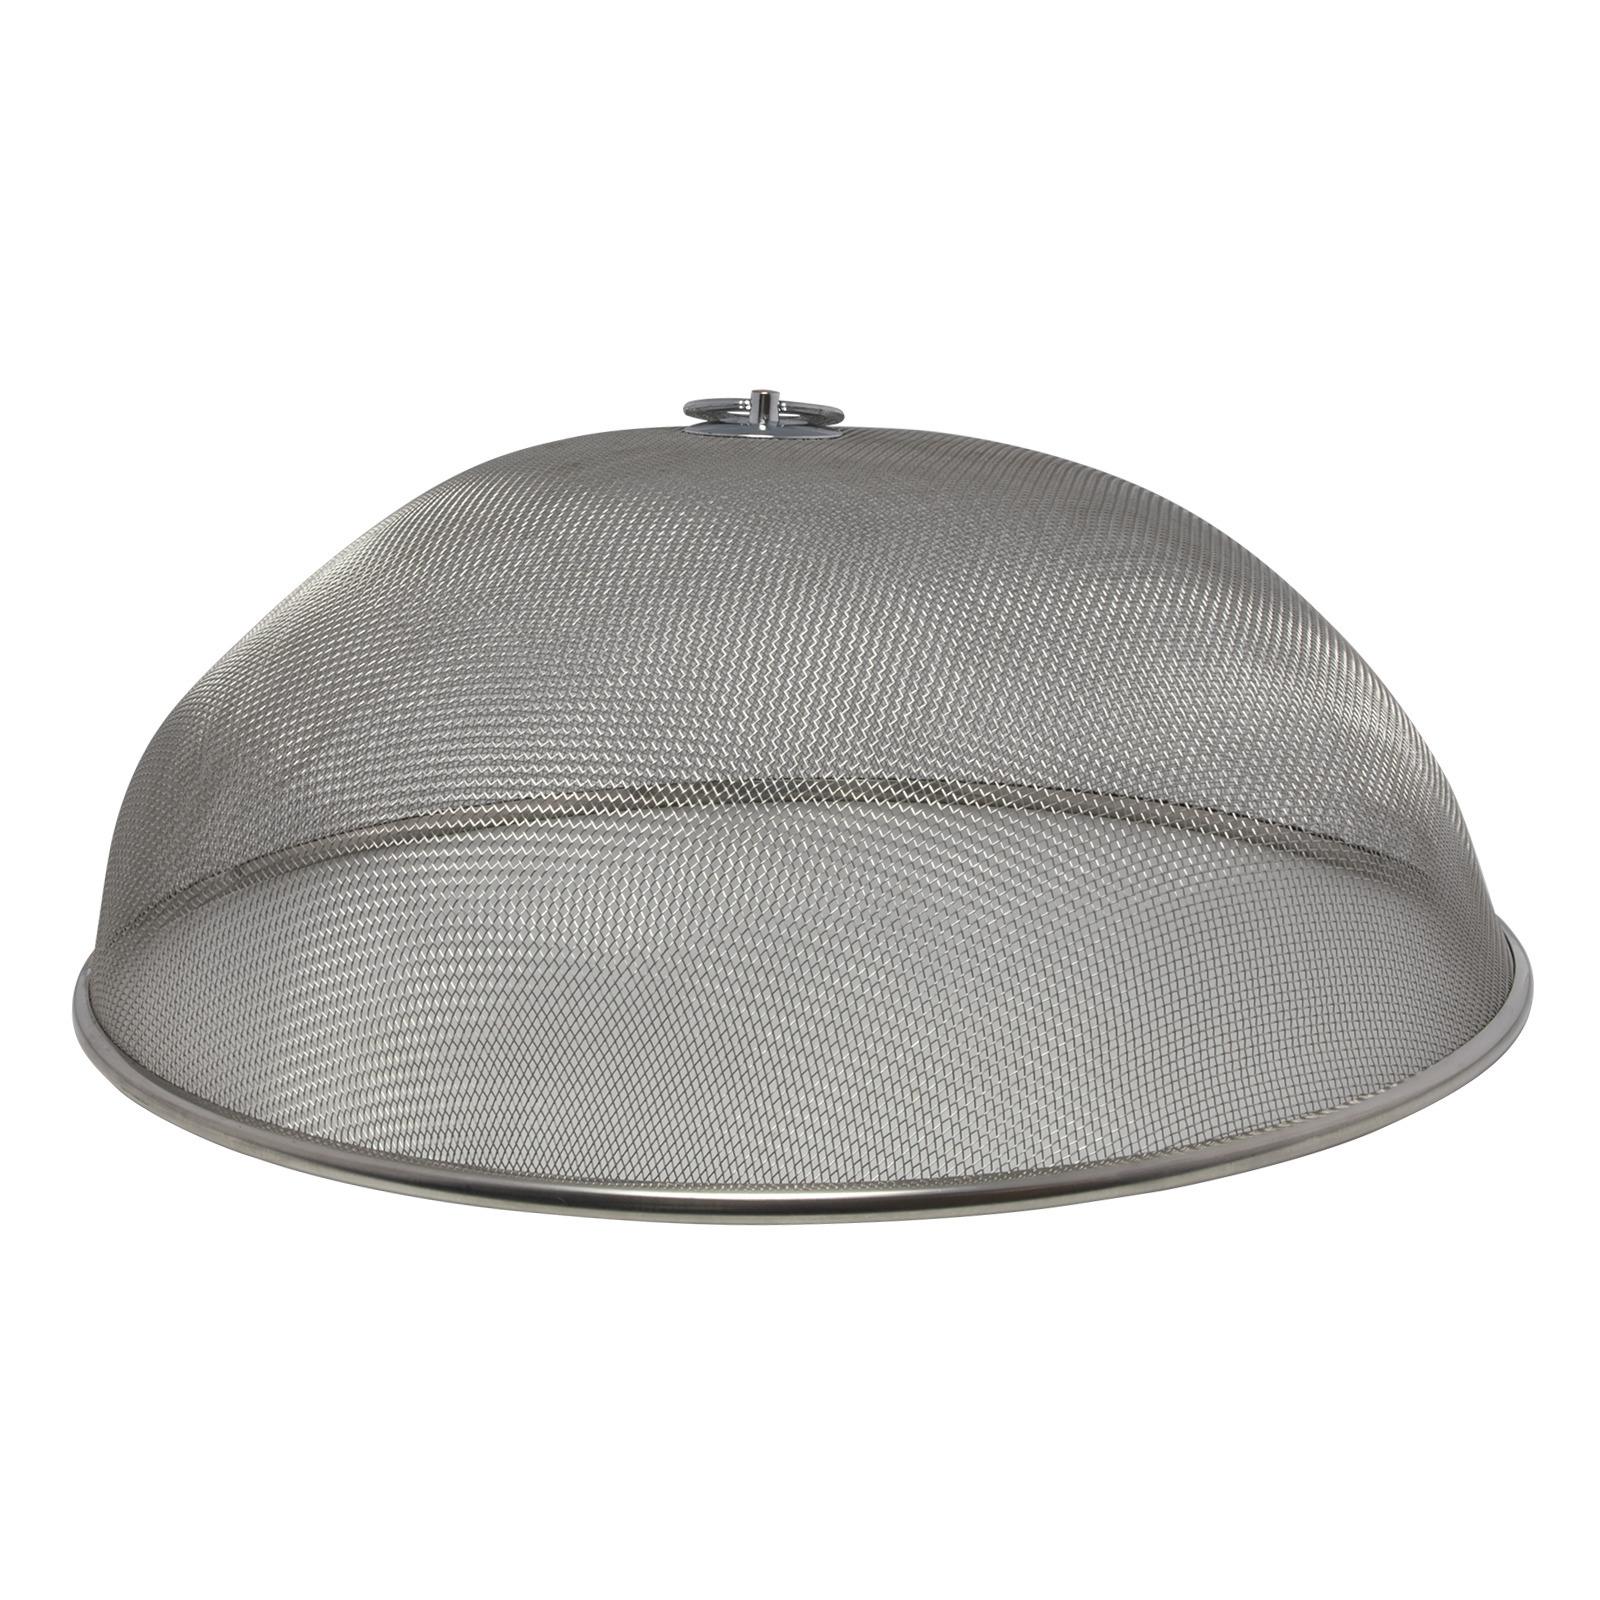 Vliegenkappen zilver voor voedsel 35 cm voedselkap